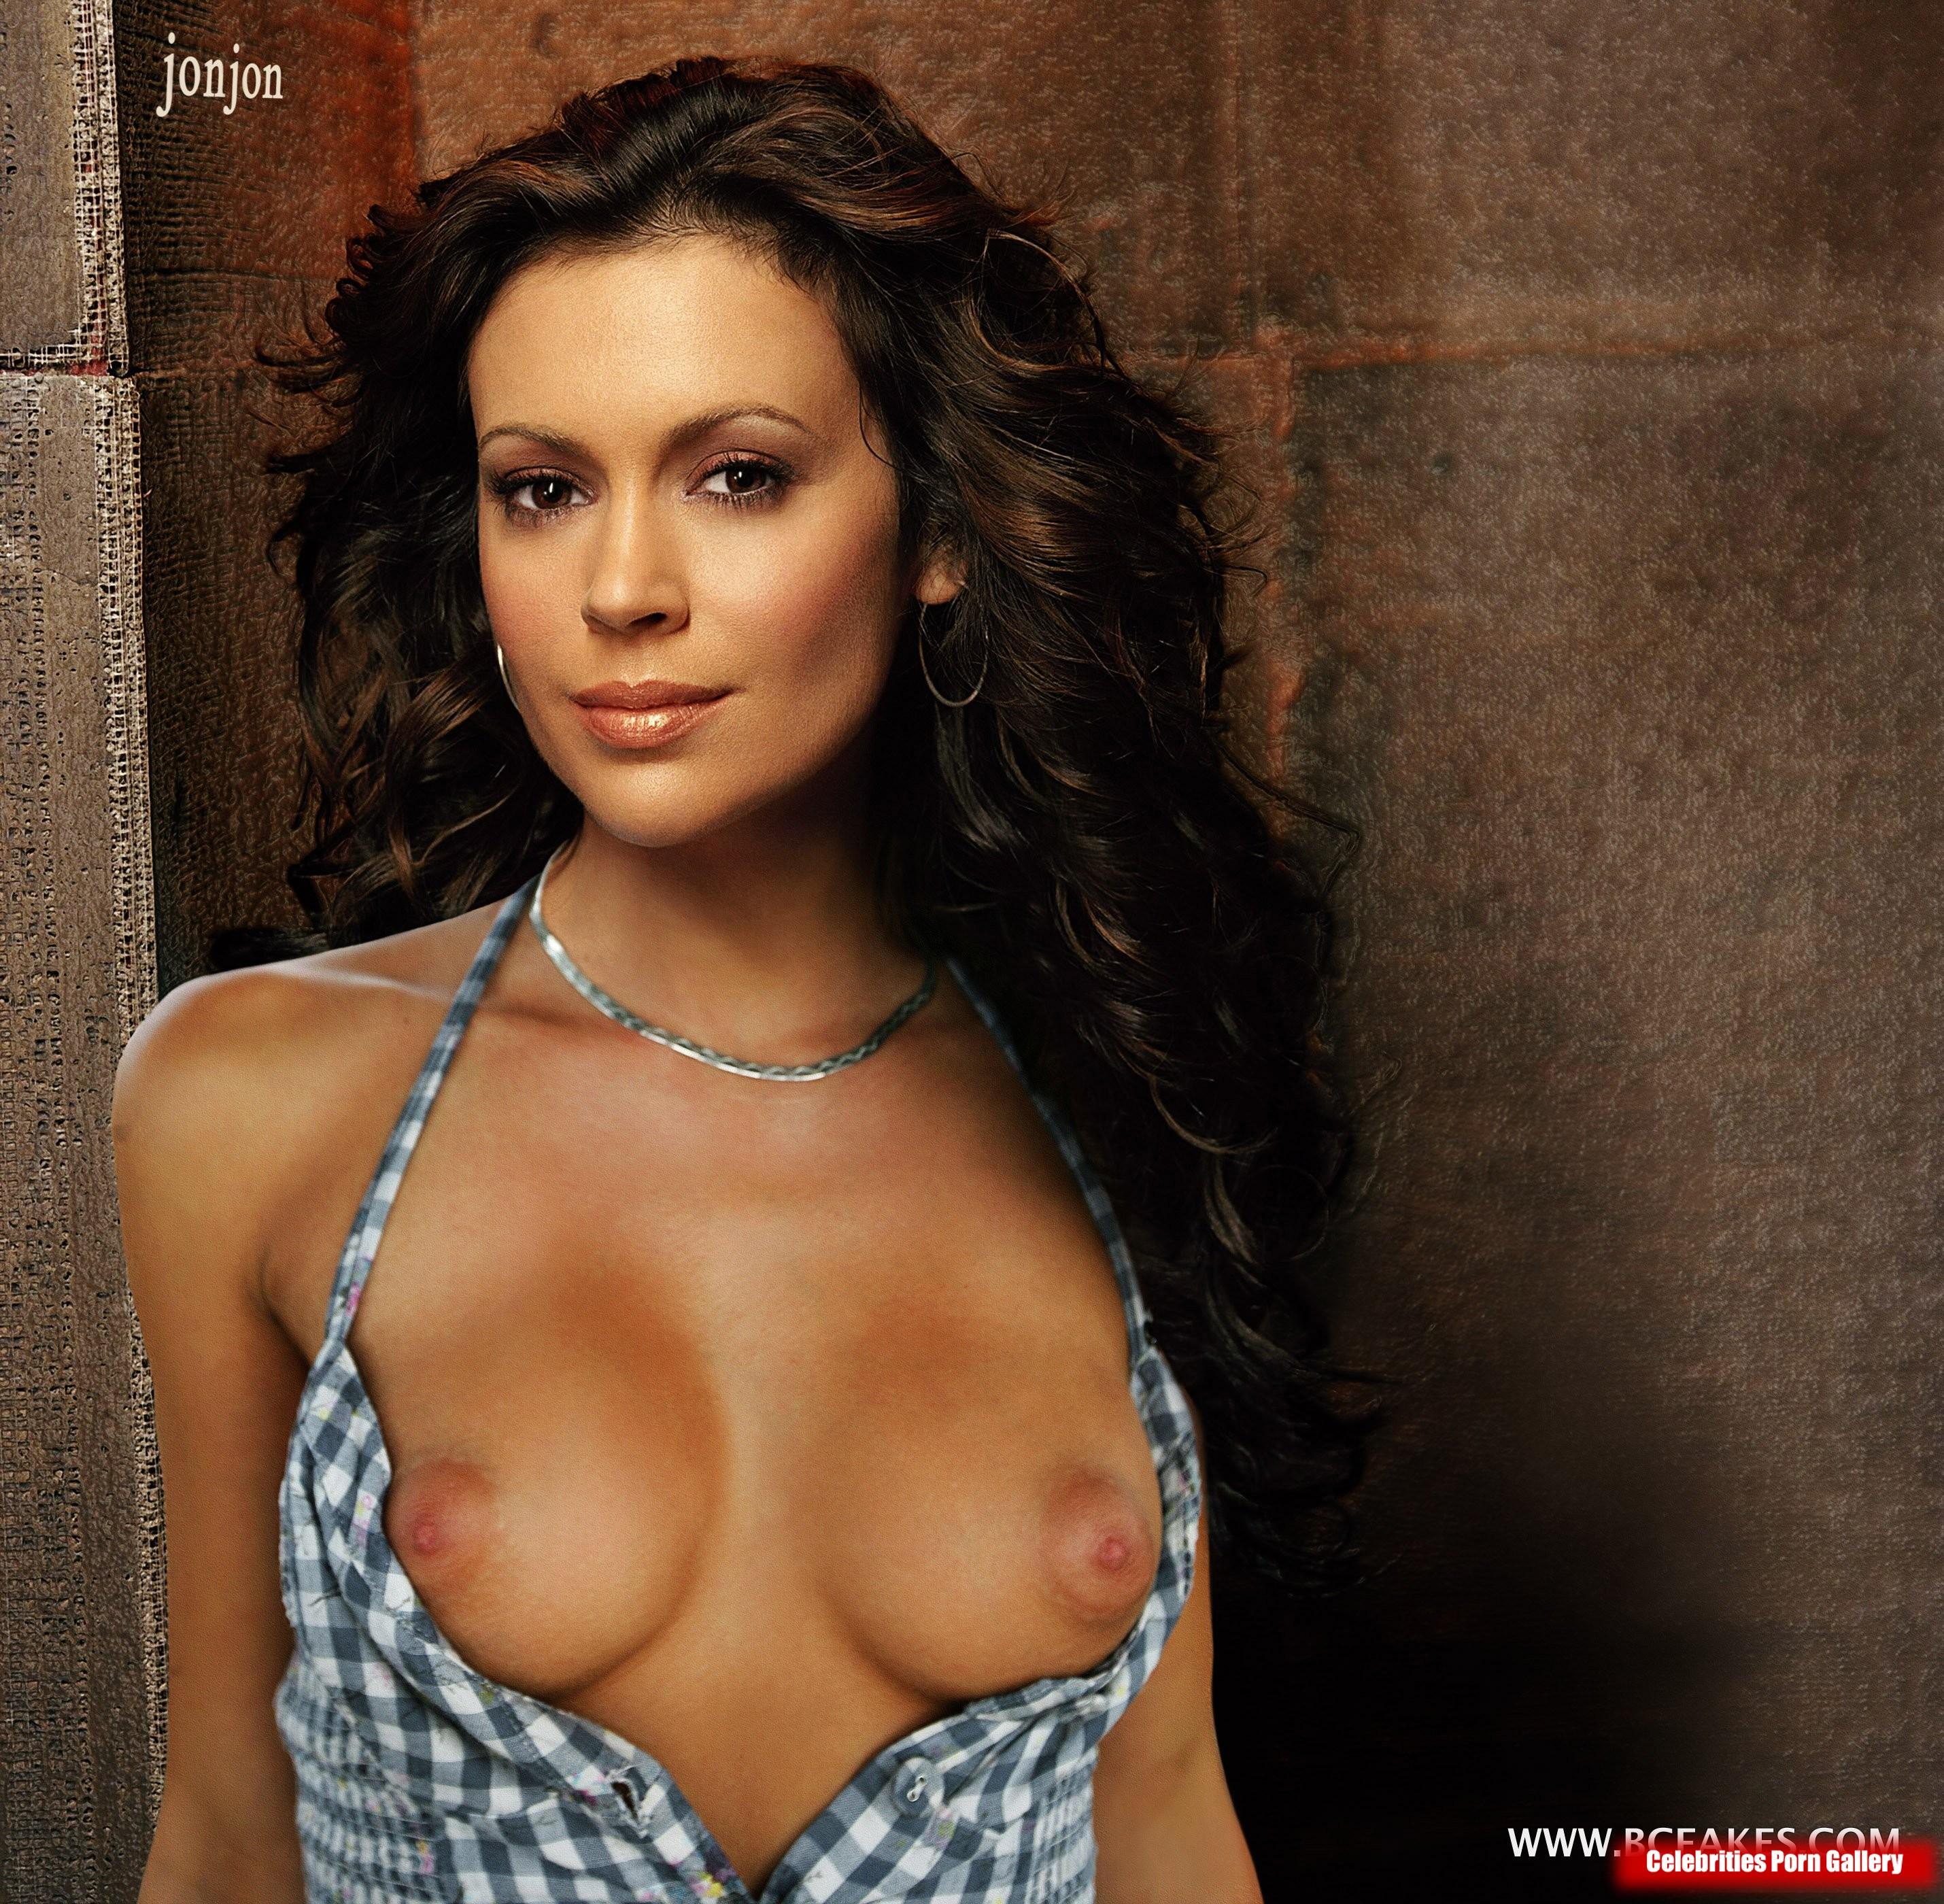 Gina nude pic wife